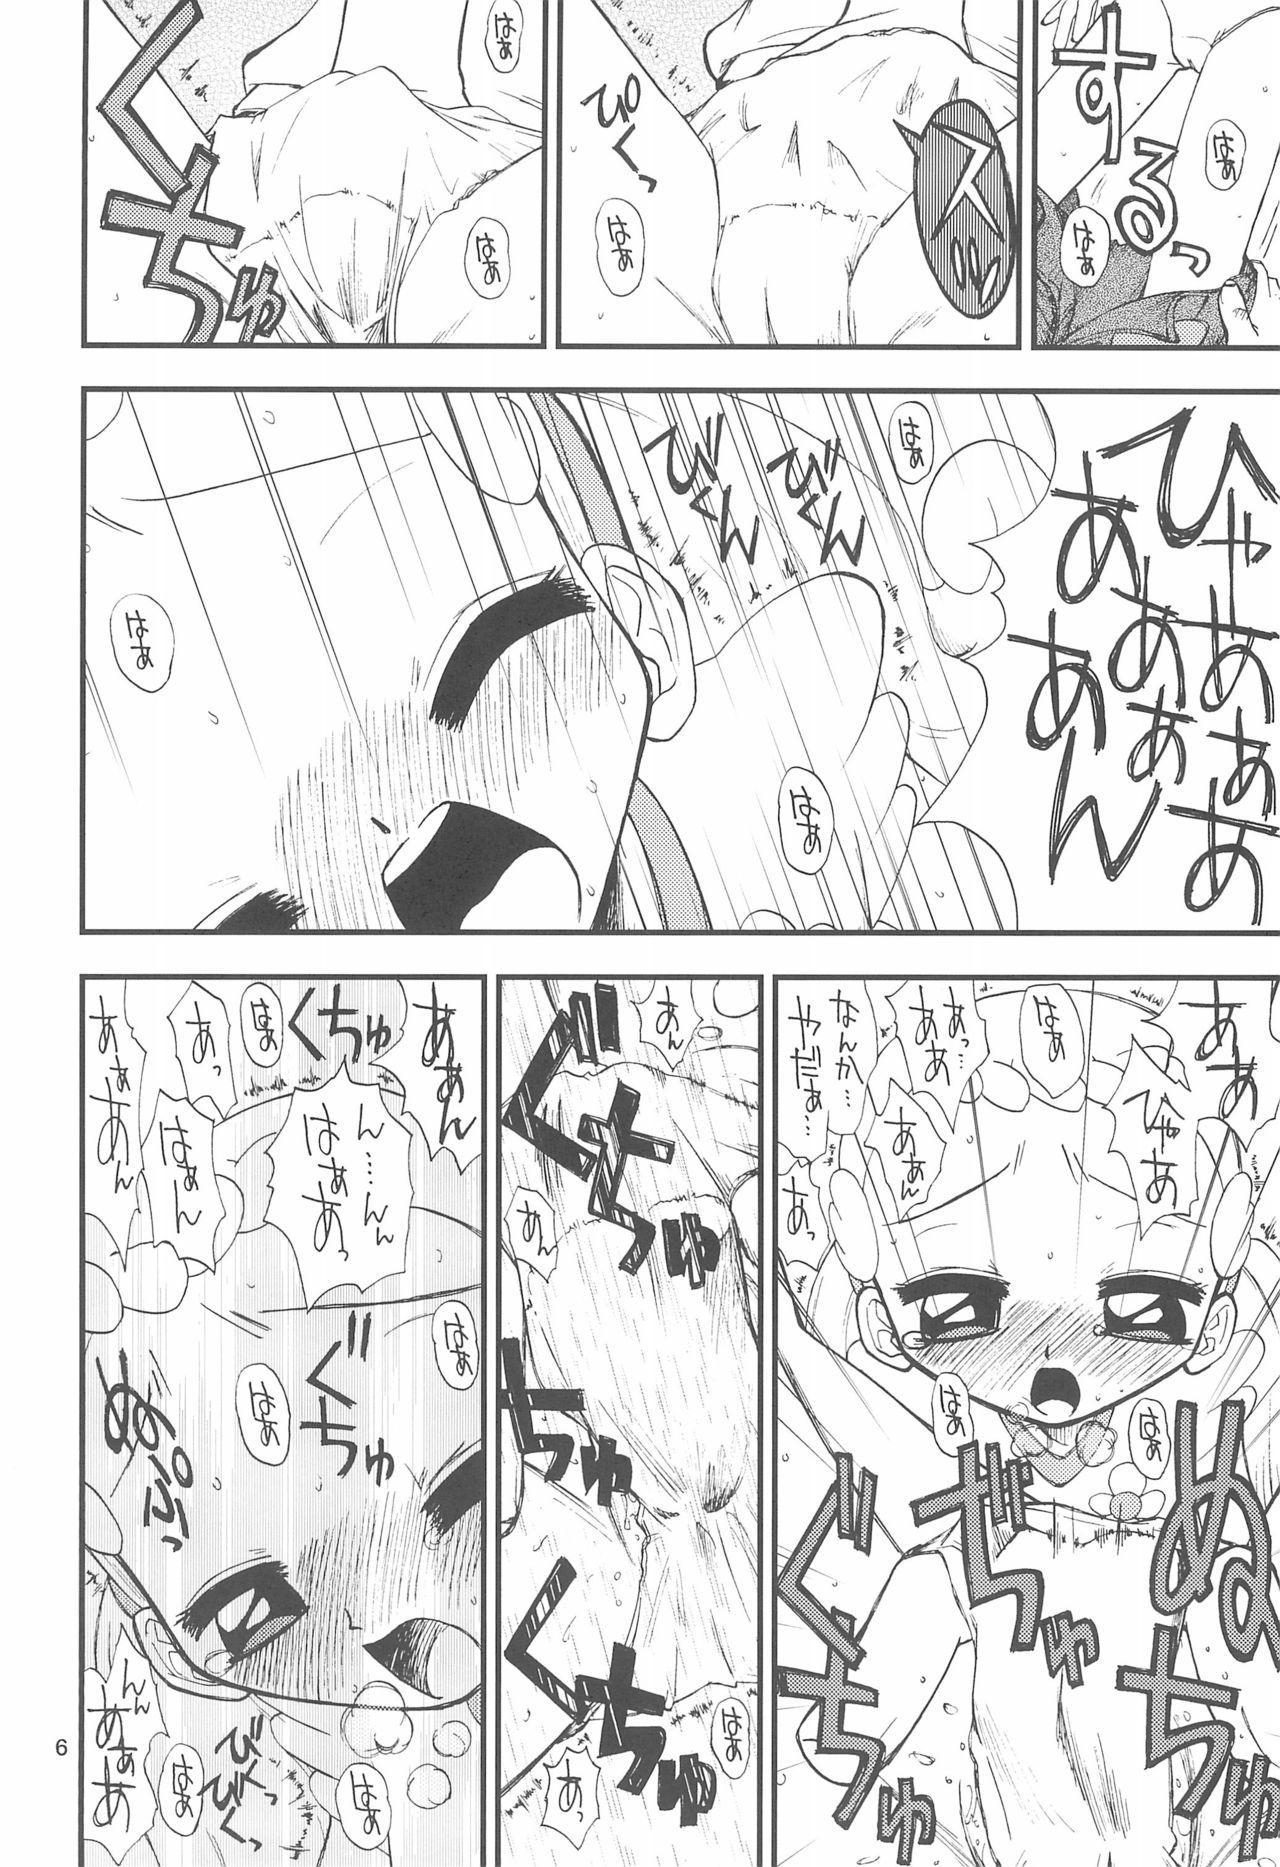 [Tokai Oohashi (Kari) (Ryu-ya)] Onpu-chan/Hana-chan (Ojamajo Doremi) 7